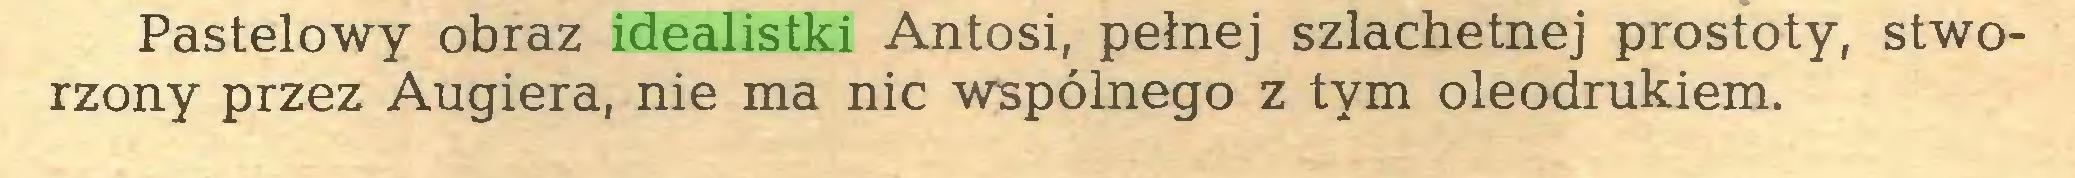 (...) Pastelowy obraz idealistki Antosi, pełnej szlachetnej prostoty, stworzony przez Augiera, nie ma nic wspólnego z tym oleodrukiem...